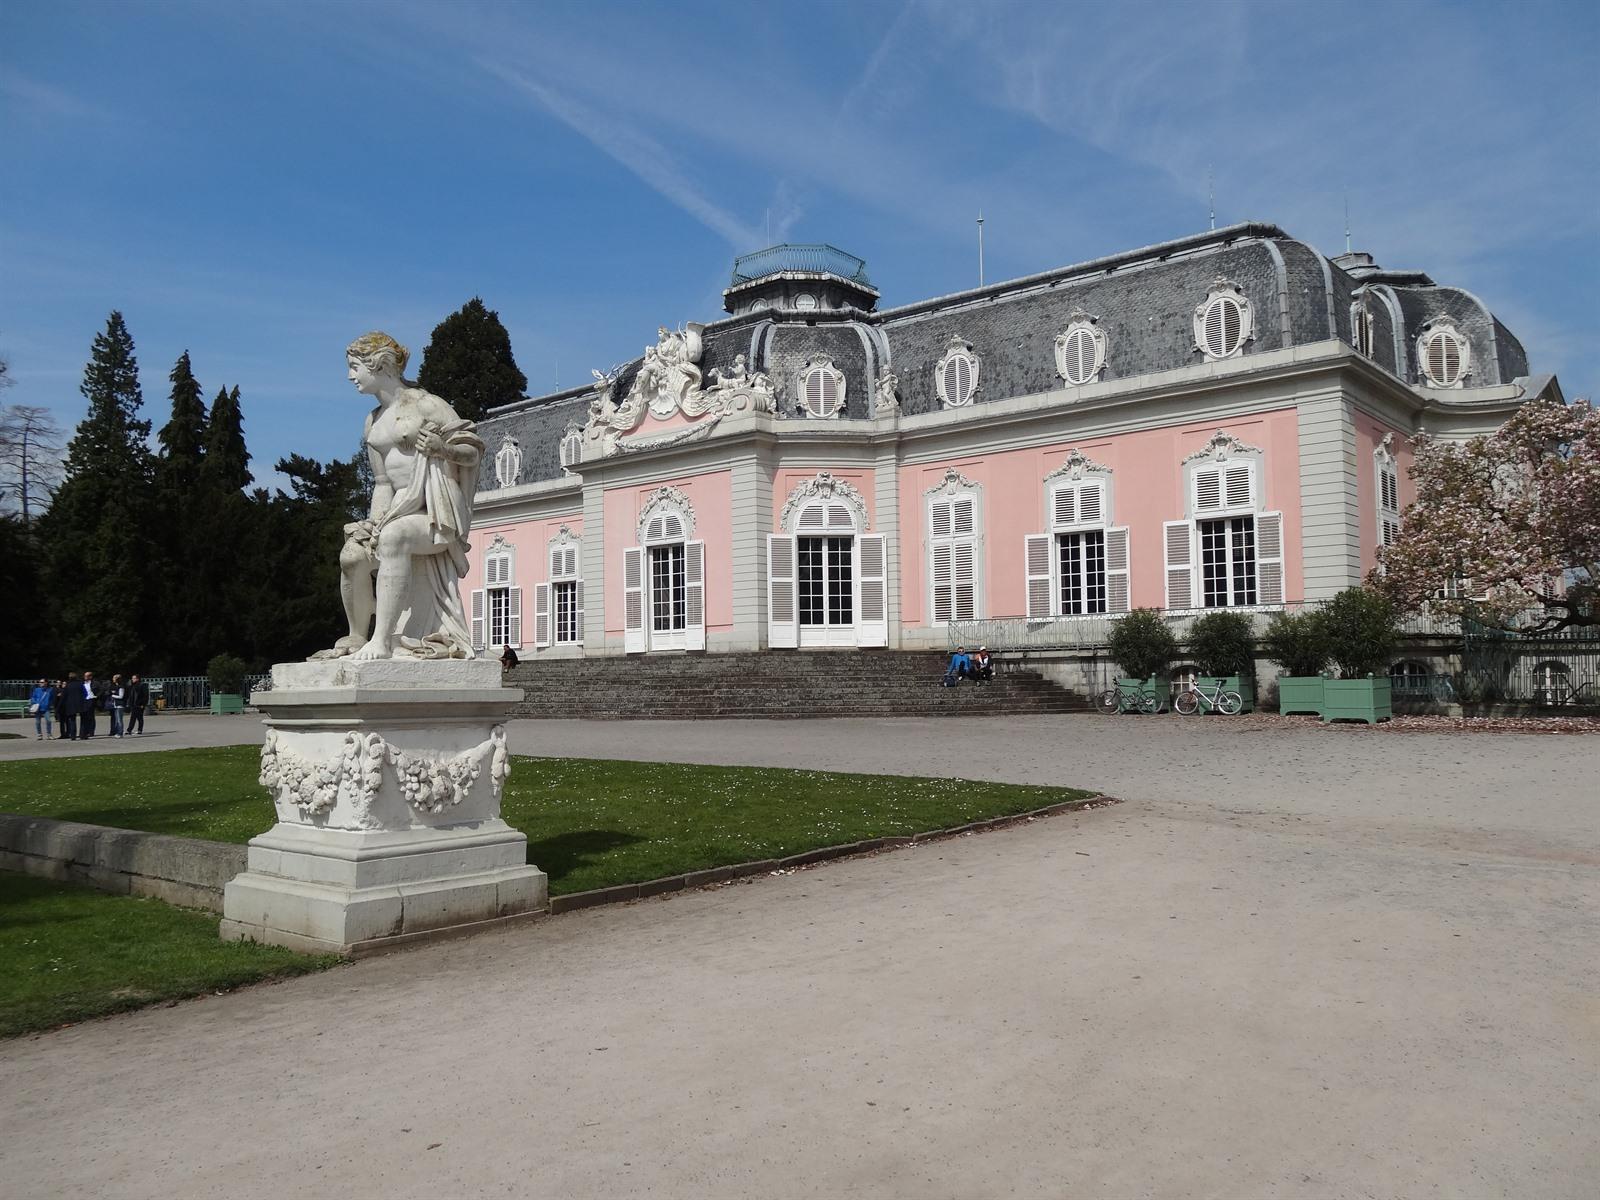 Bezoek Schloss Benrath tijdens je citytrip Düsseldorf